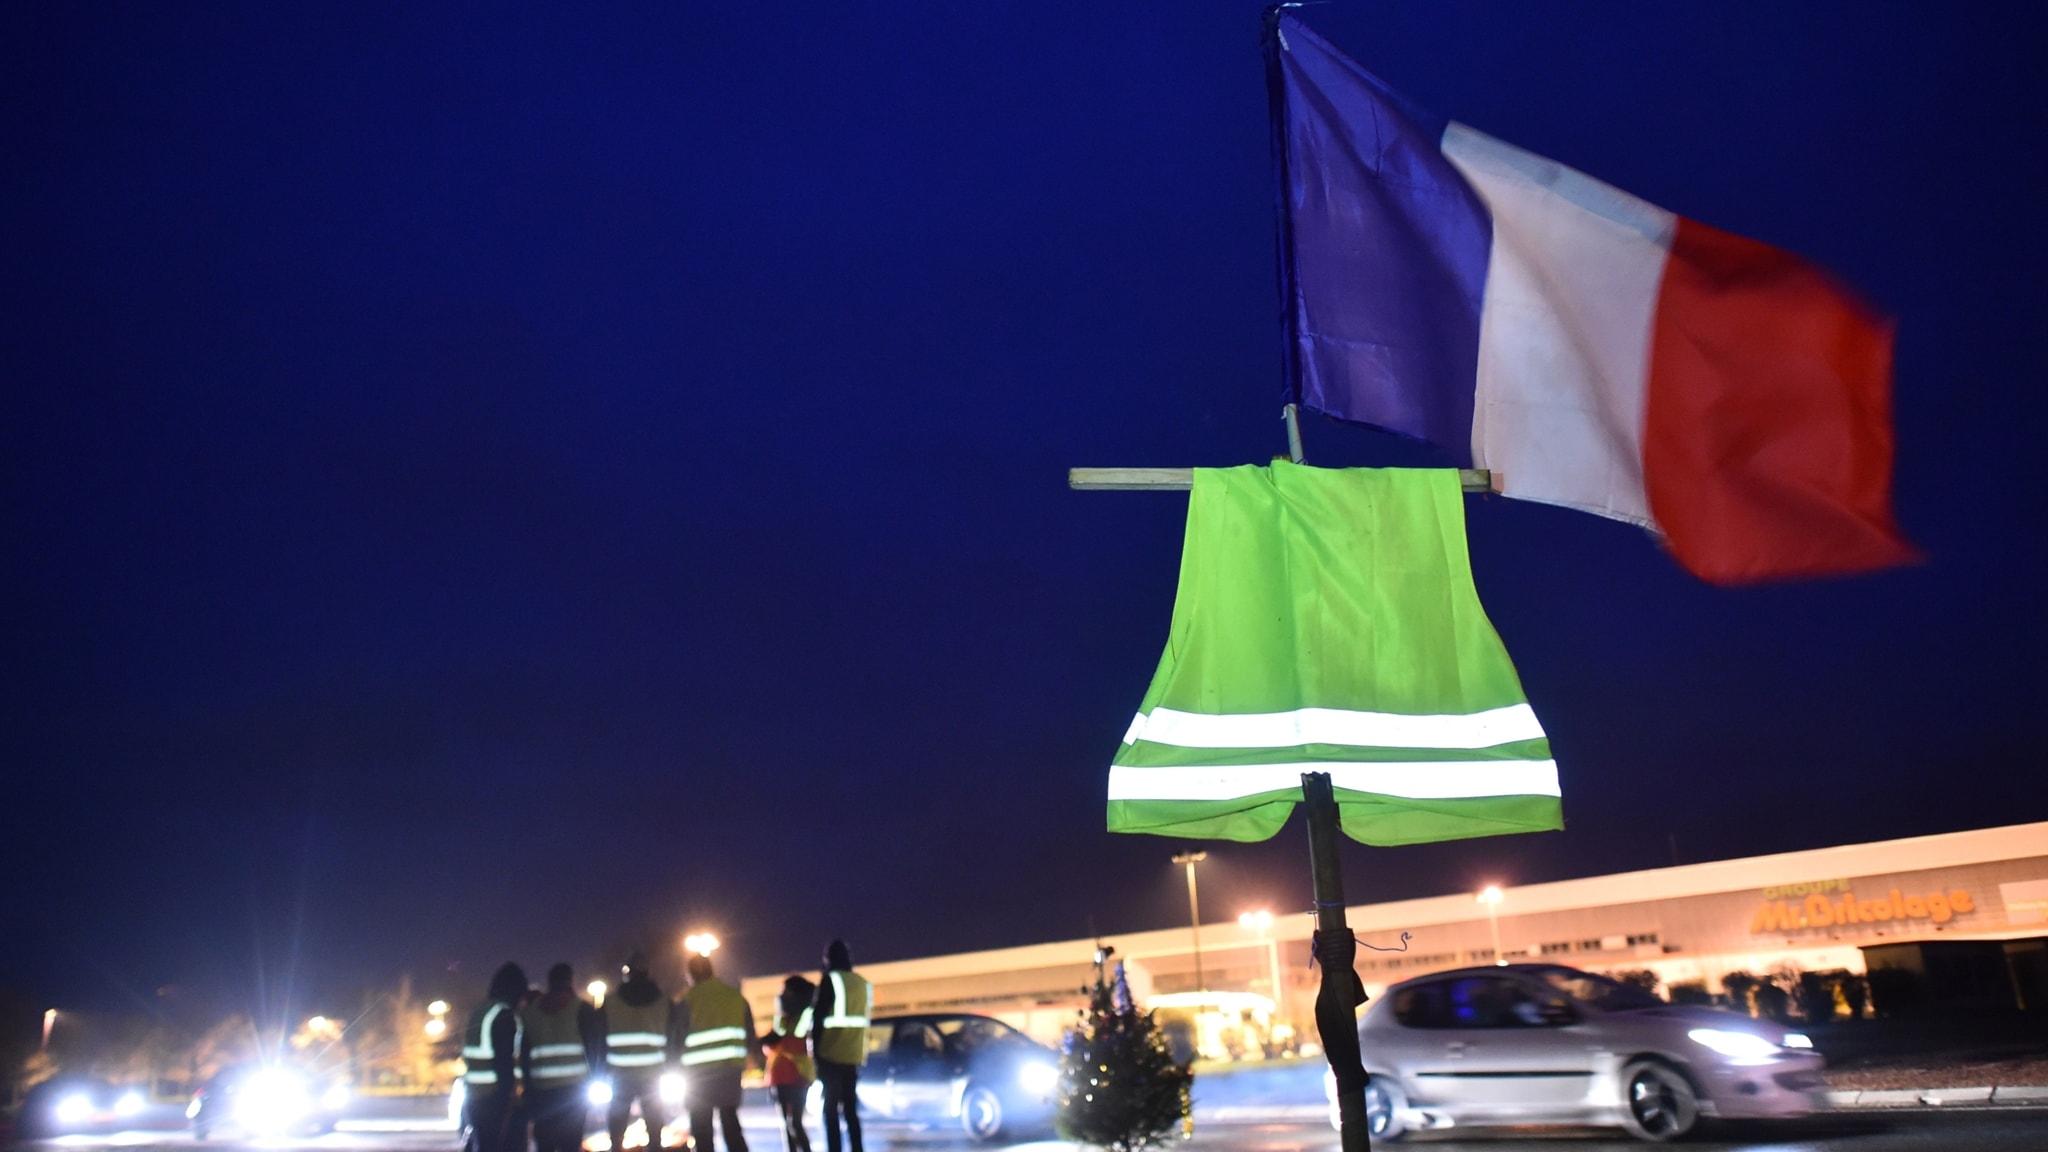 En fransk flagga och en gul trafikväst vajar på en flagstång i skymningen. I bakgrunden en massa bilar och protestanter på en väg.